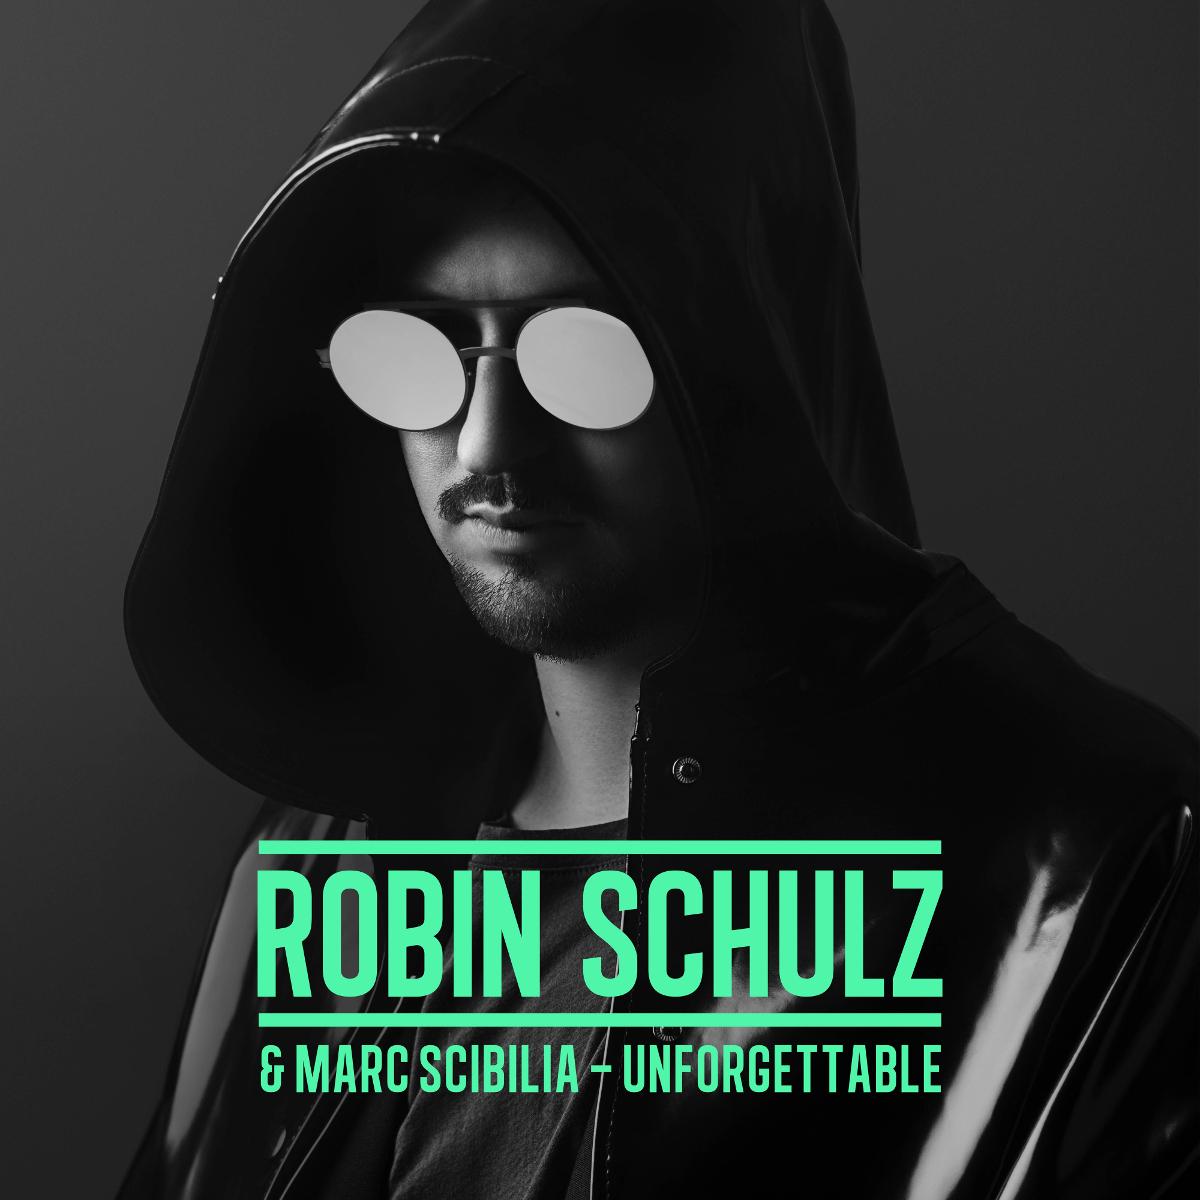 Cover: ROBIN SCHULZ FEAT. MARC SCIBILIA, UNFORGETTABLE